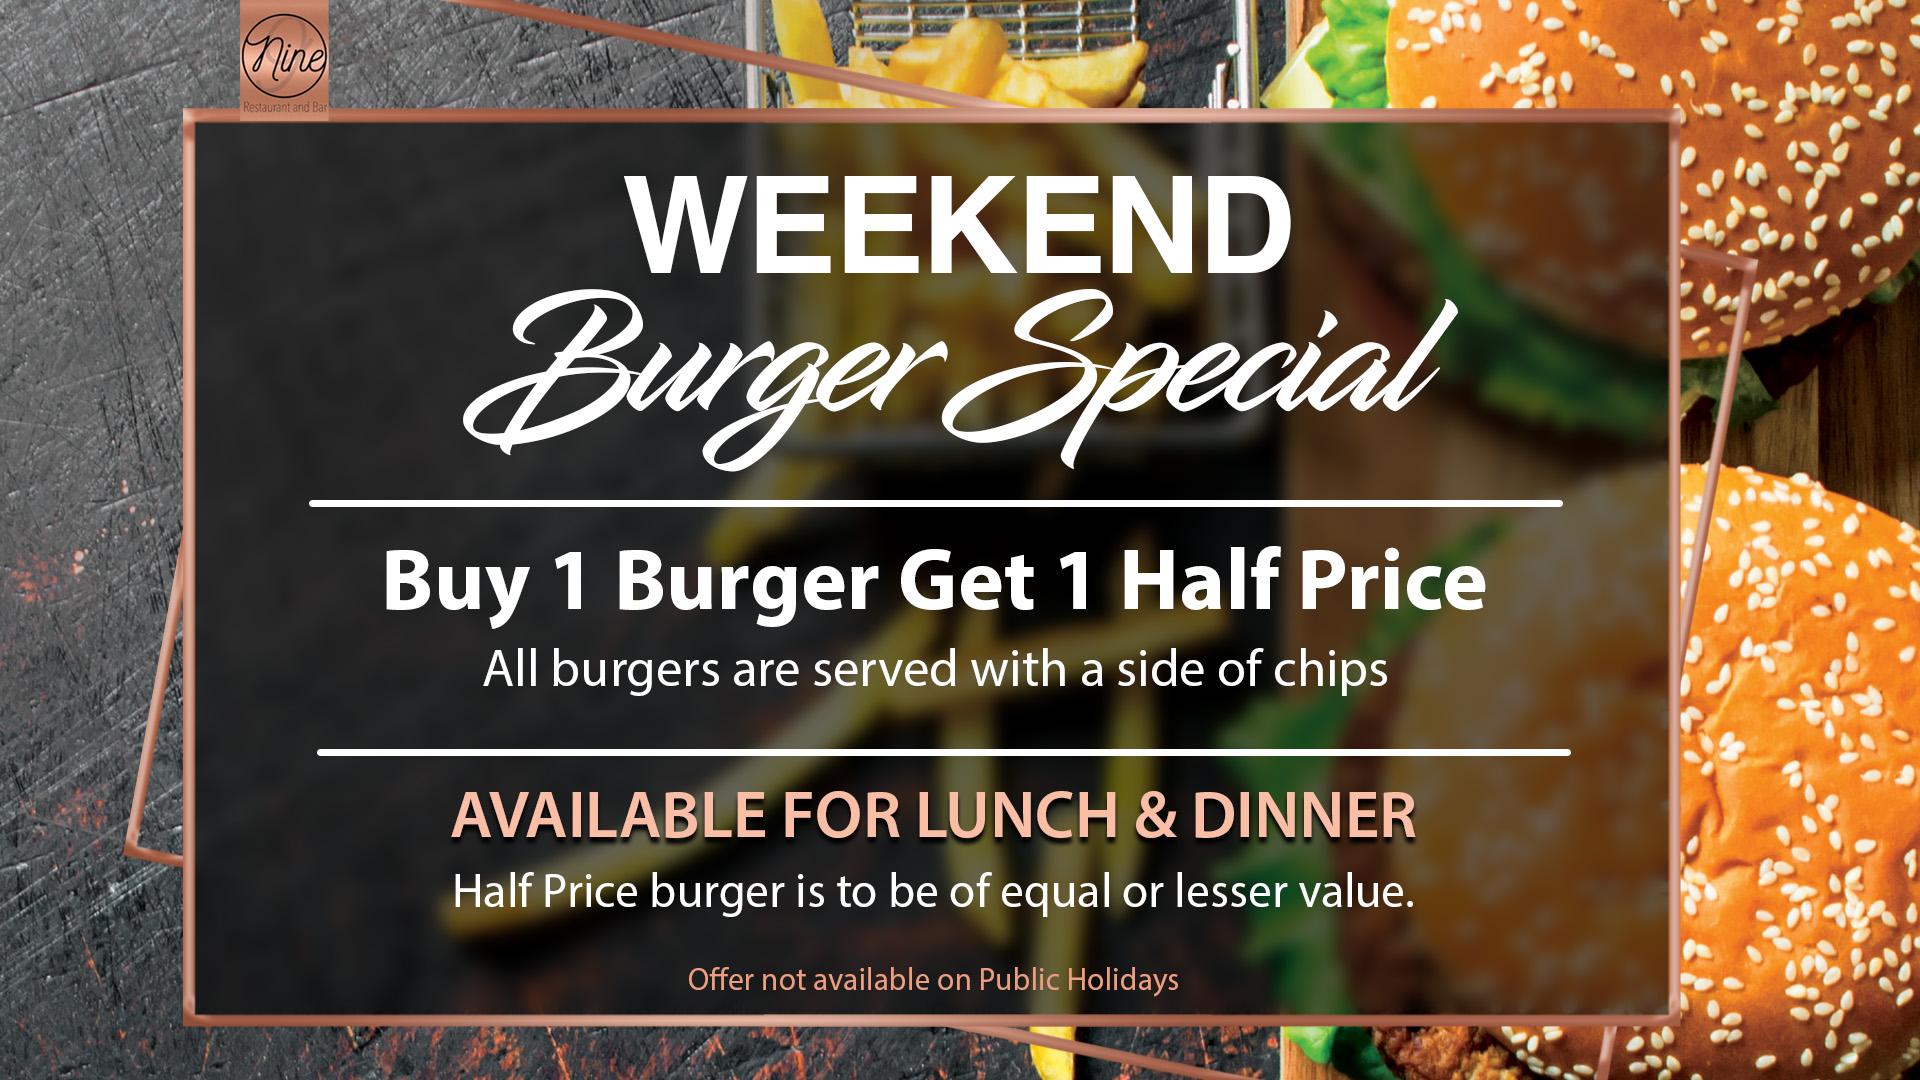 TV-Landscape-Burger-Special